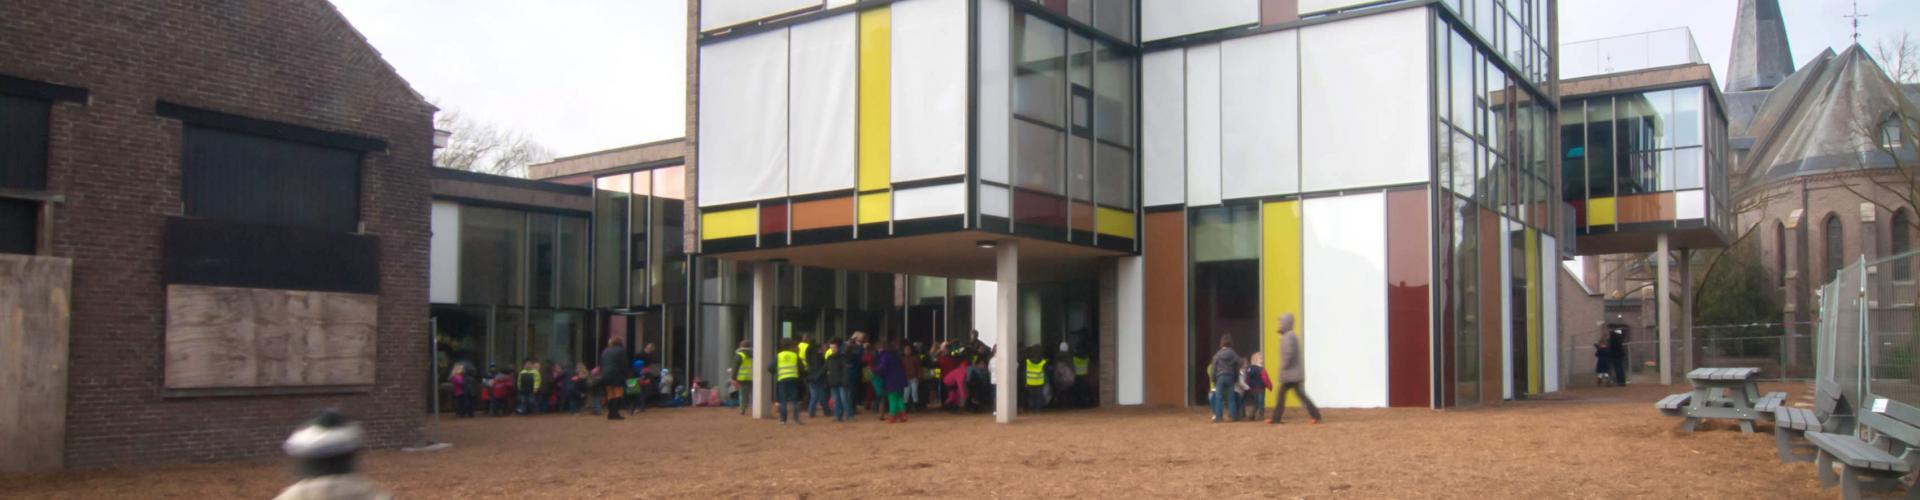 Vrije Basisschool De Boomhut Lozen